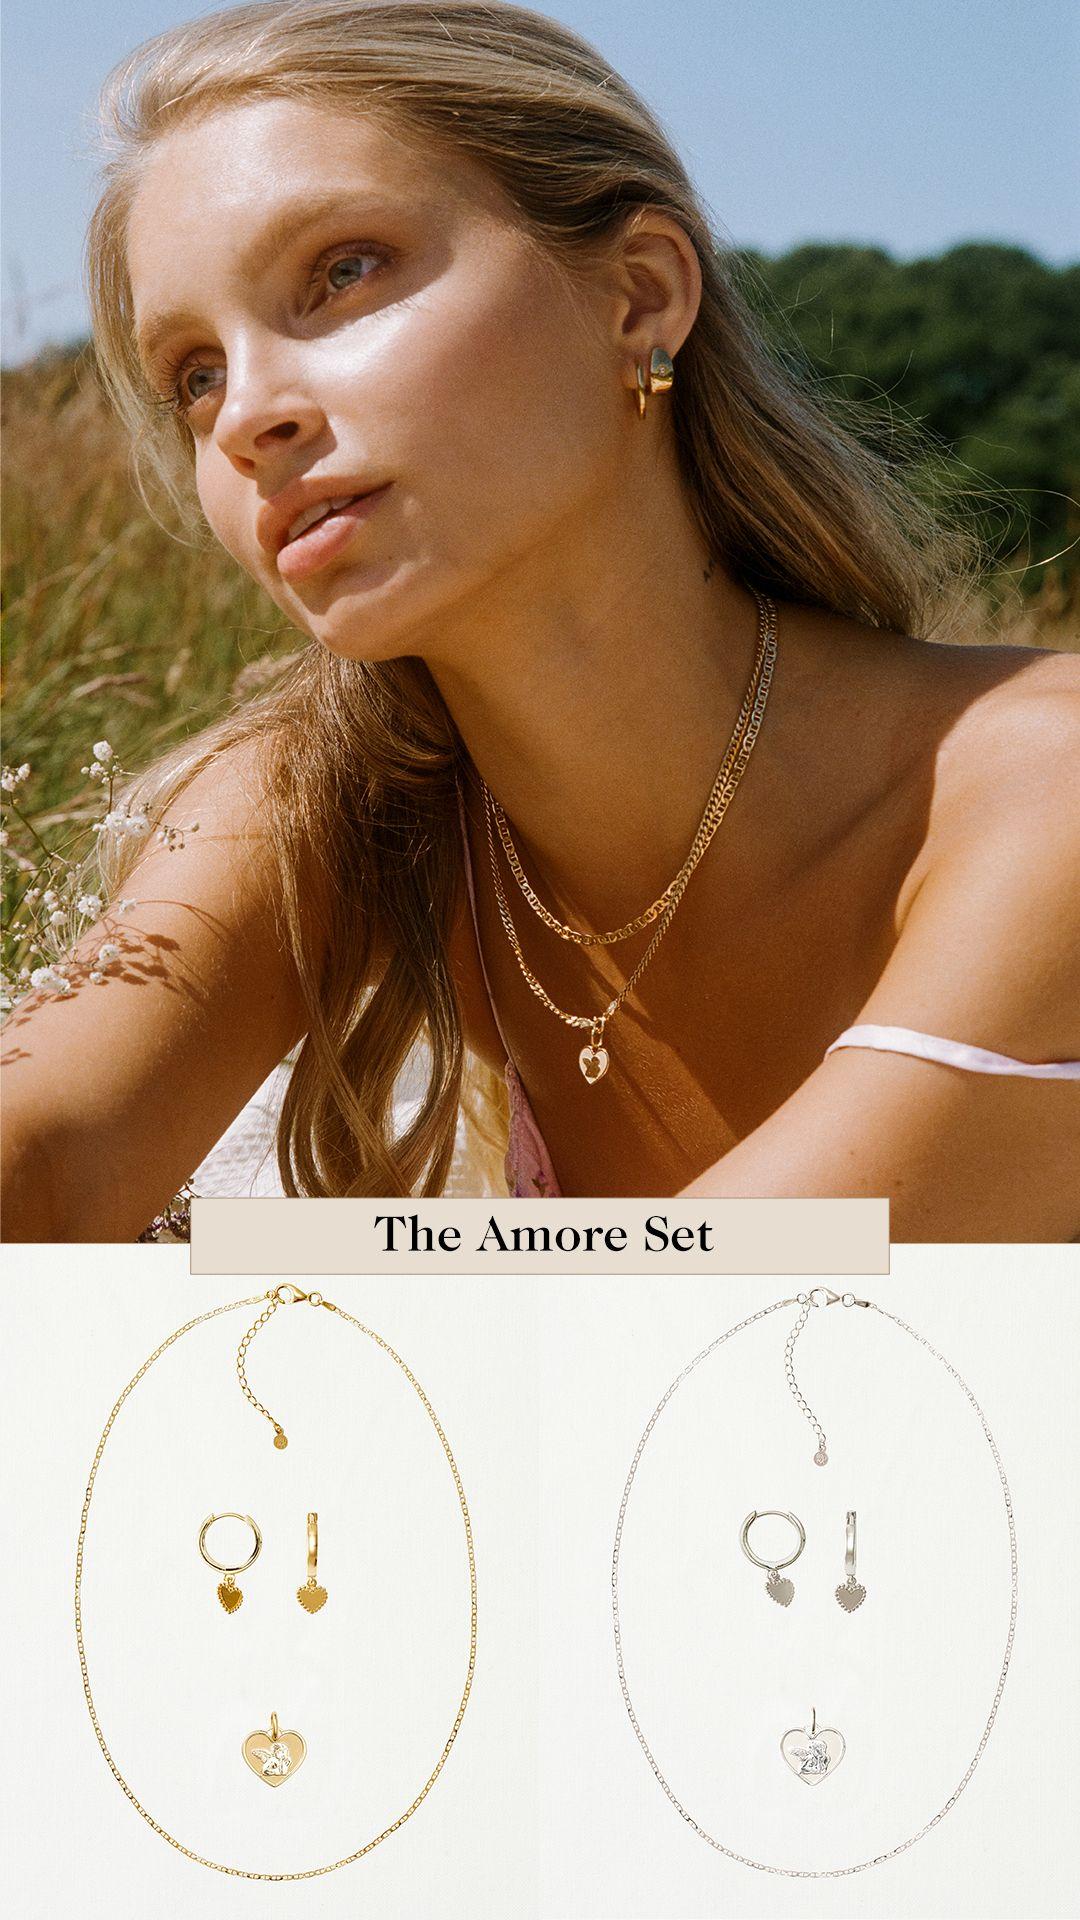 NEW NEW NEW 🌹✨ The Dreamiest of all combos - The Amore Set. Feiere die Liebe diesen Valentinstag mit unserem perfekt abgestimmten Valentinsset ❤️